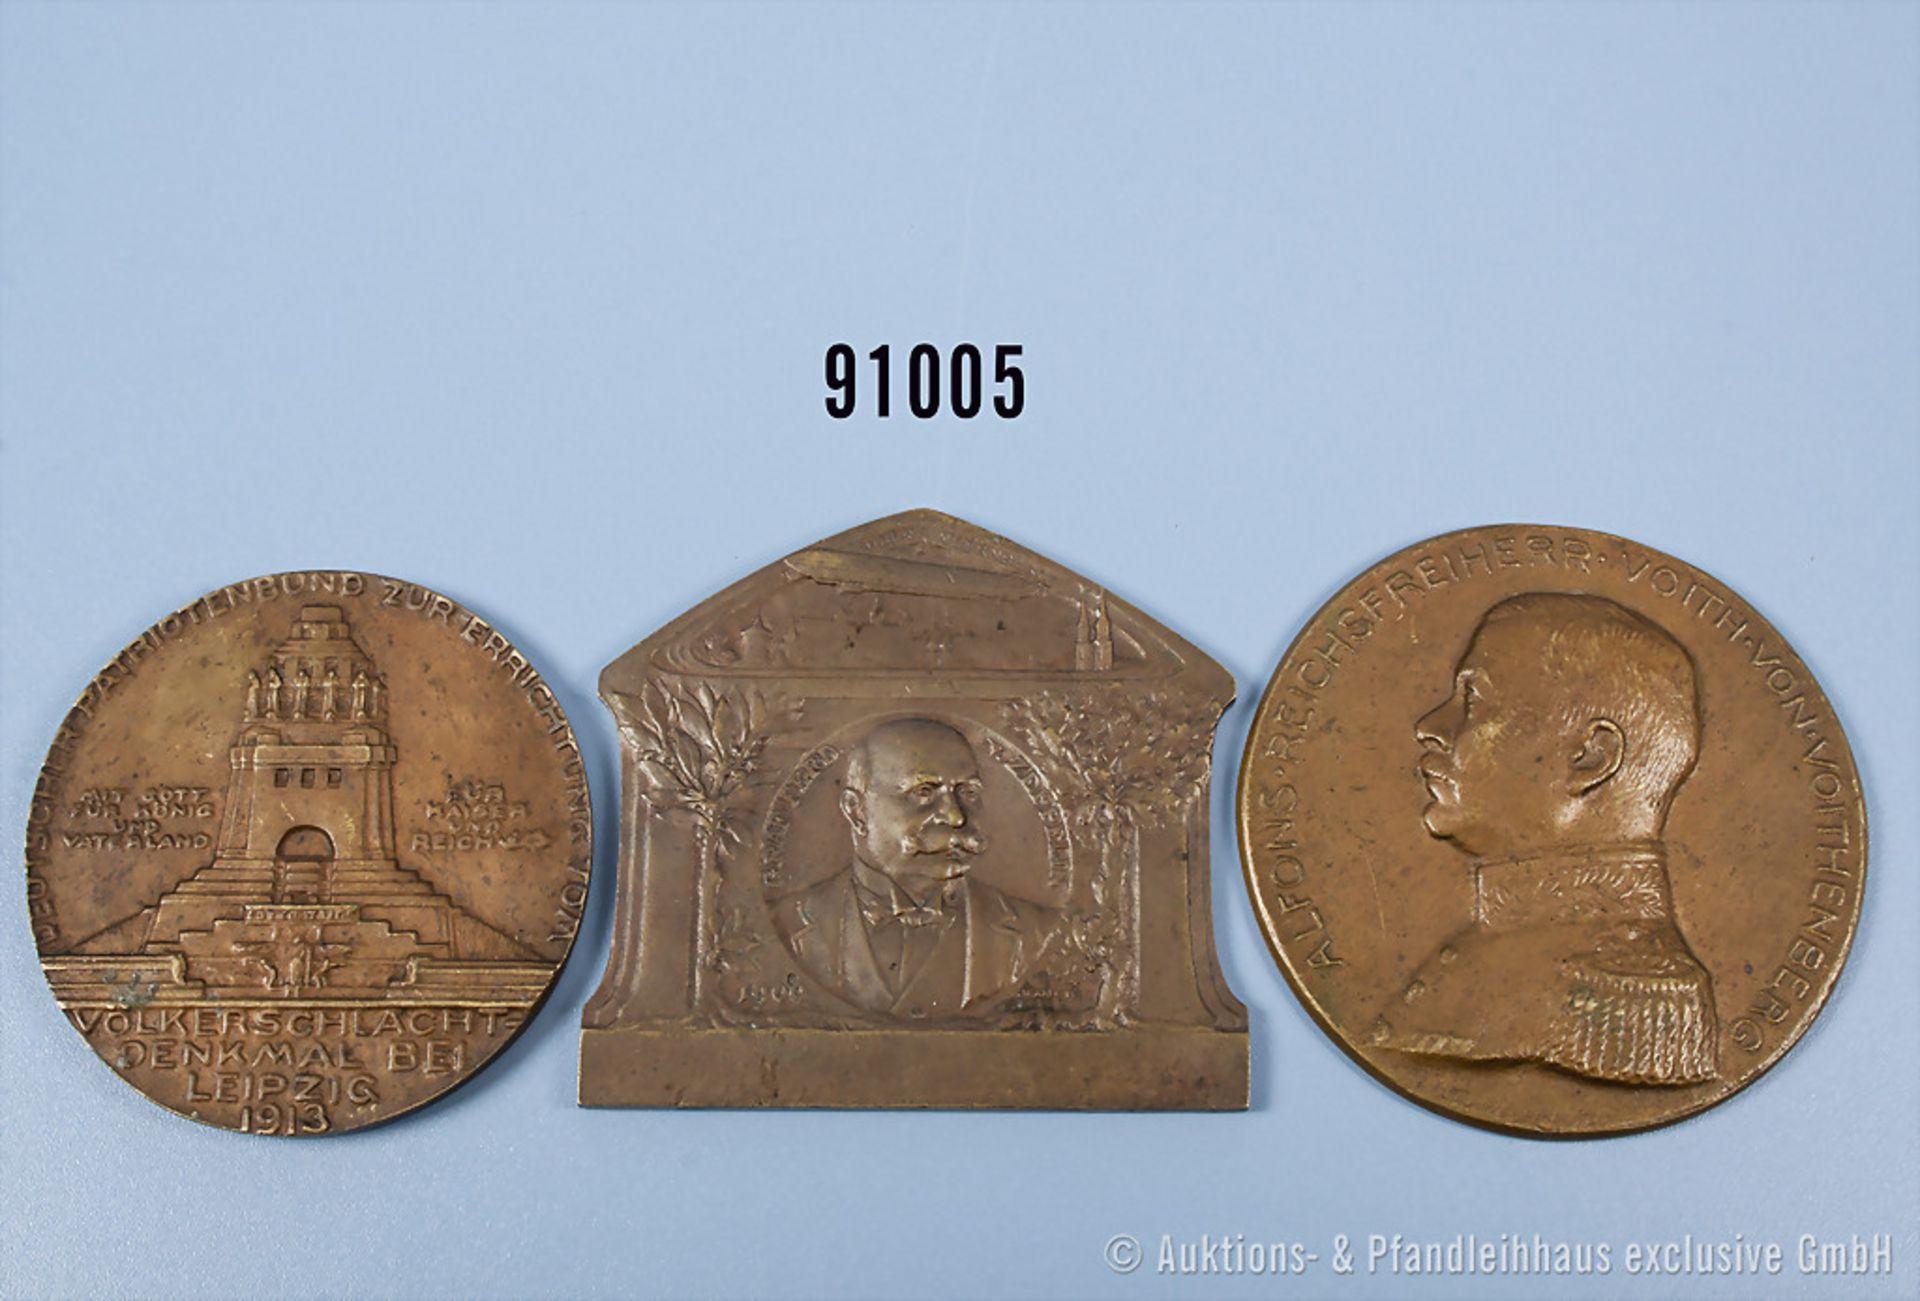 Konv. 2 Bronze-Medaillen, Deutscher Patriotenbund, Medaille zur Errichtung des Völkerschlacht-